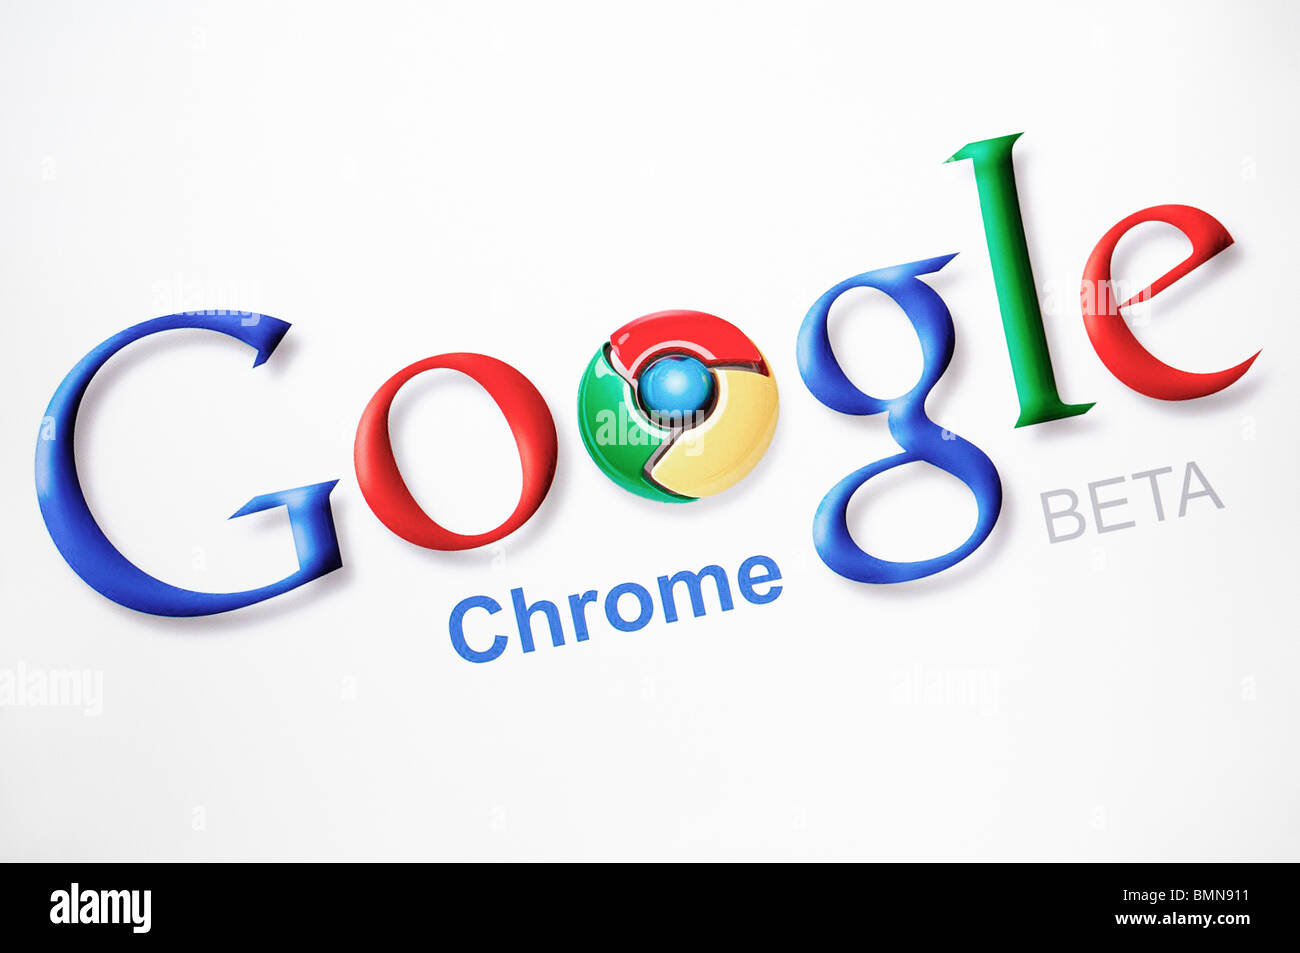 Google Chrome navigateur Web Capture d'écran Photo Stock